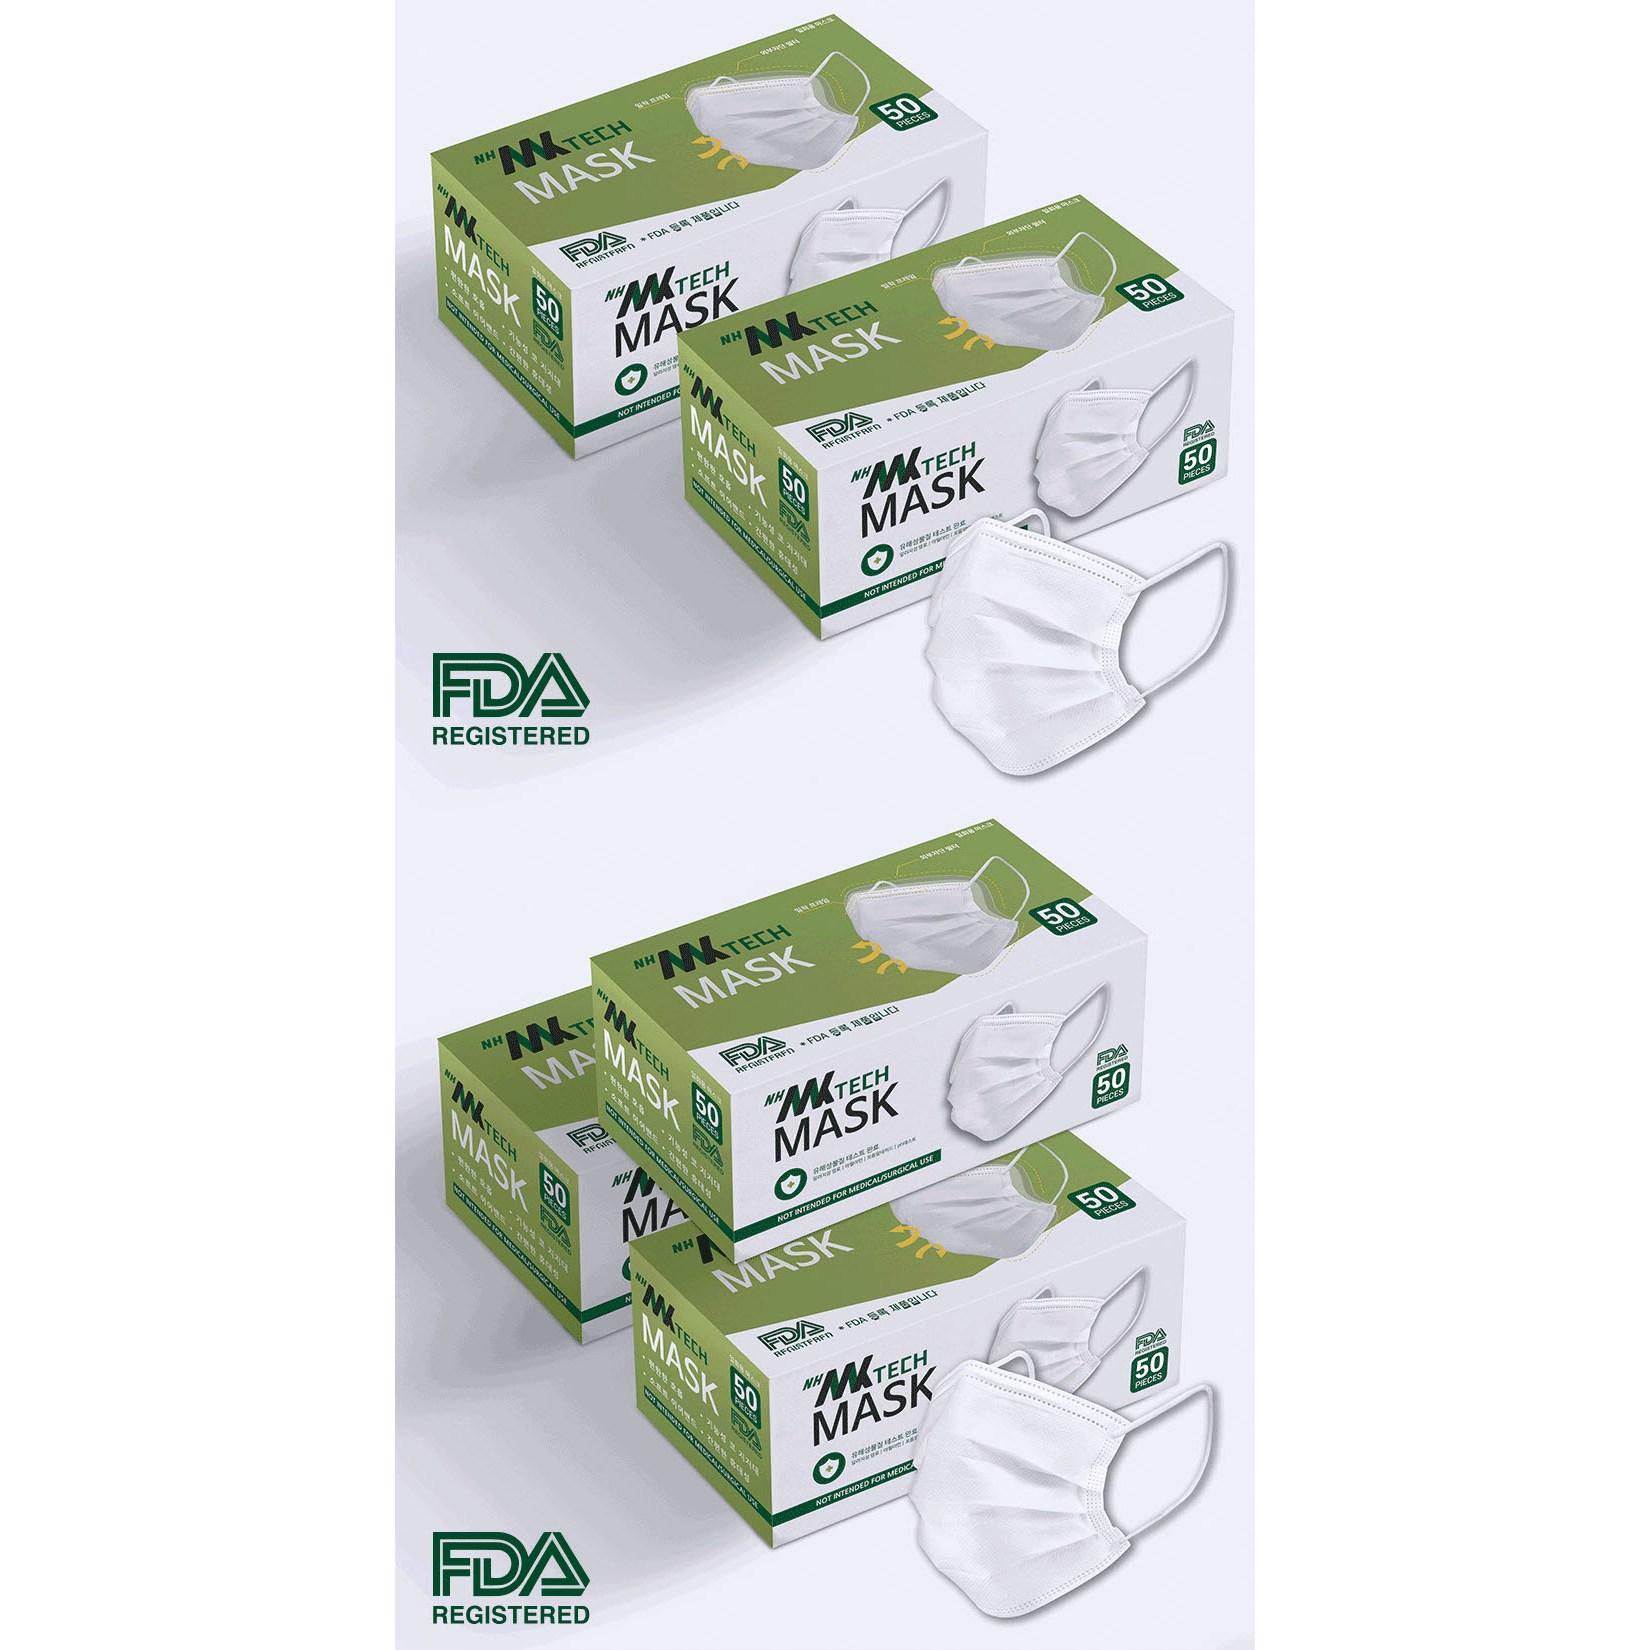 남해 평면마스크 MB필터사용 FDA (미국식약처 등록완료제품) 4BOX구매시 택배비무료 단가인하 1BOX당 6 000원, 화이트 1BOX(50EA)